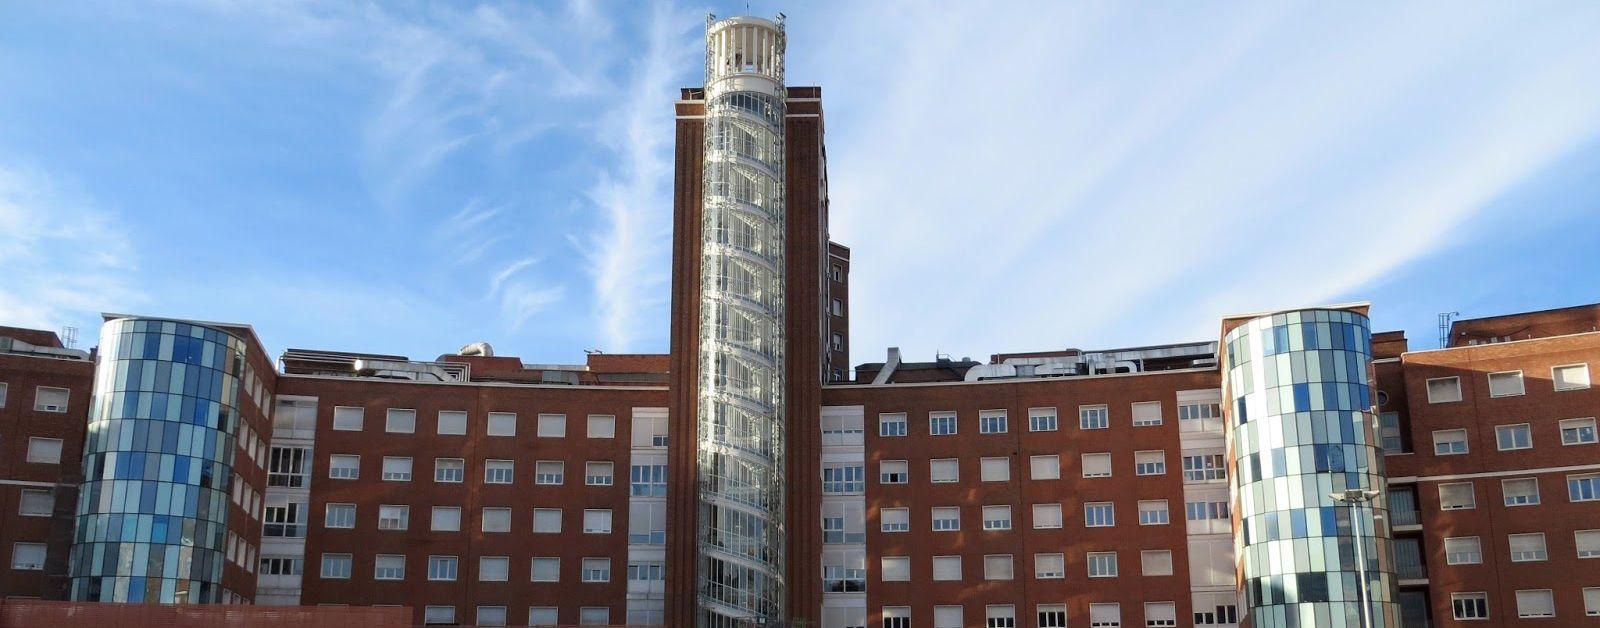 osakidetza-edificio